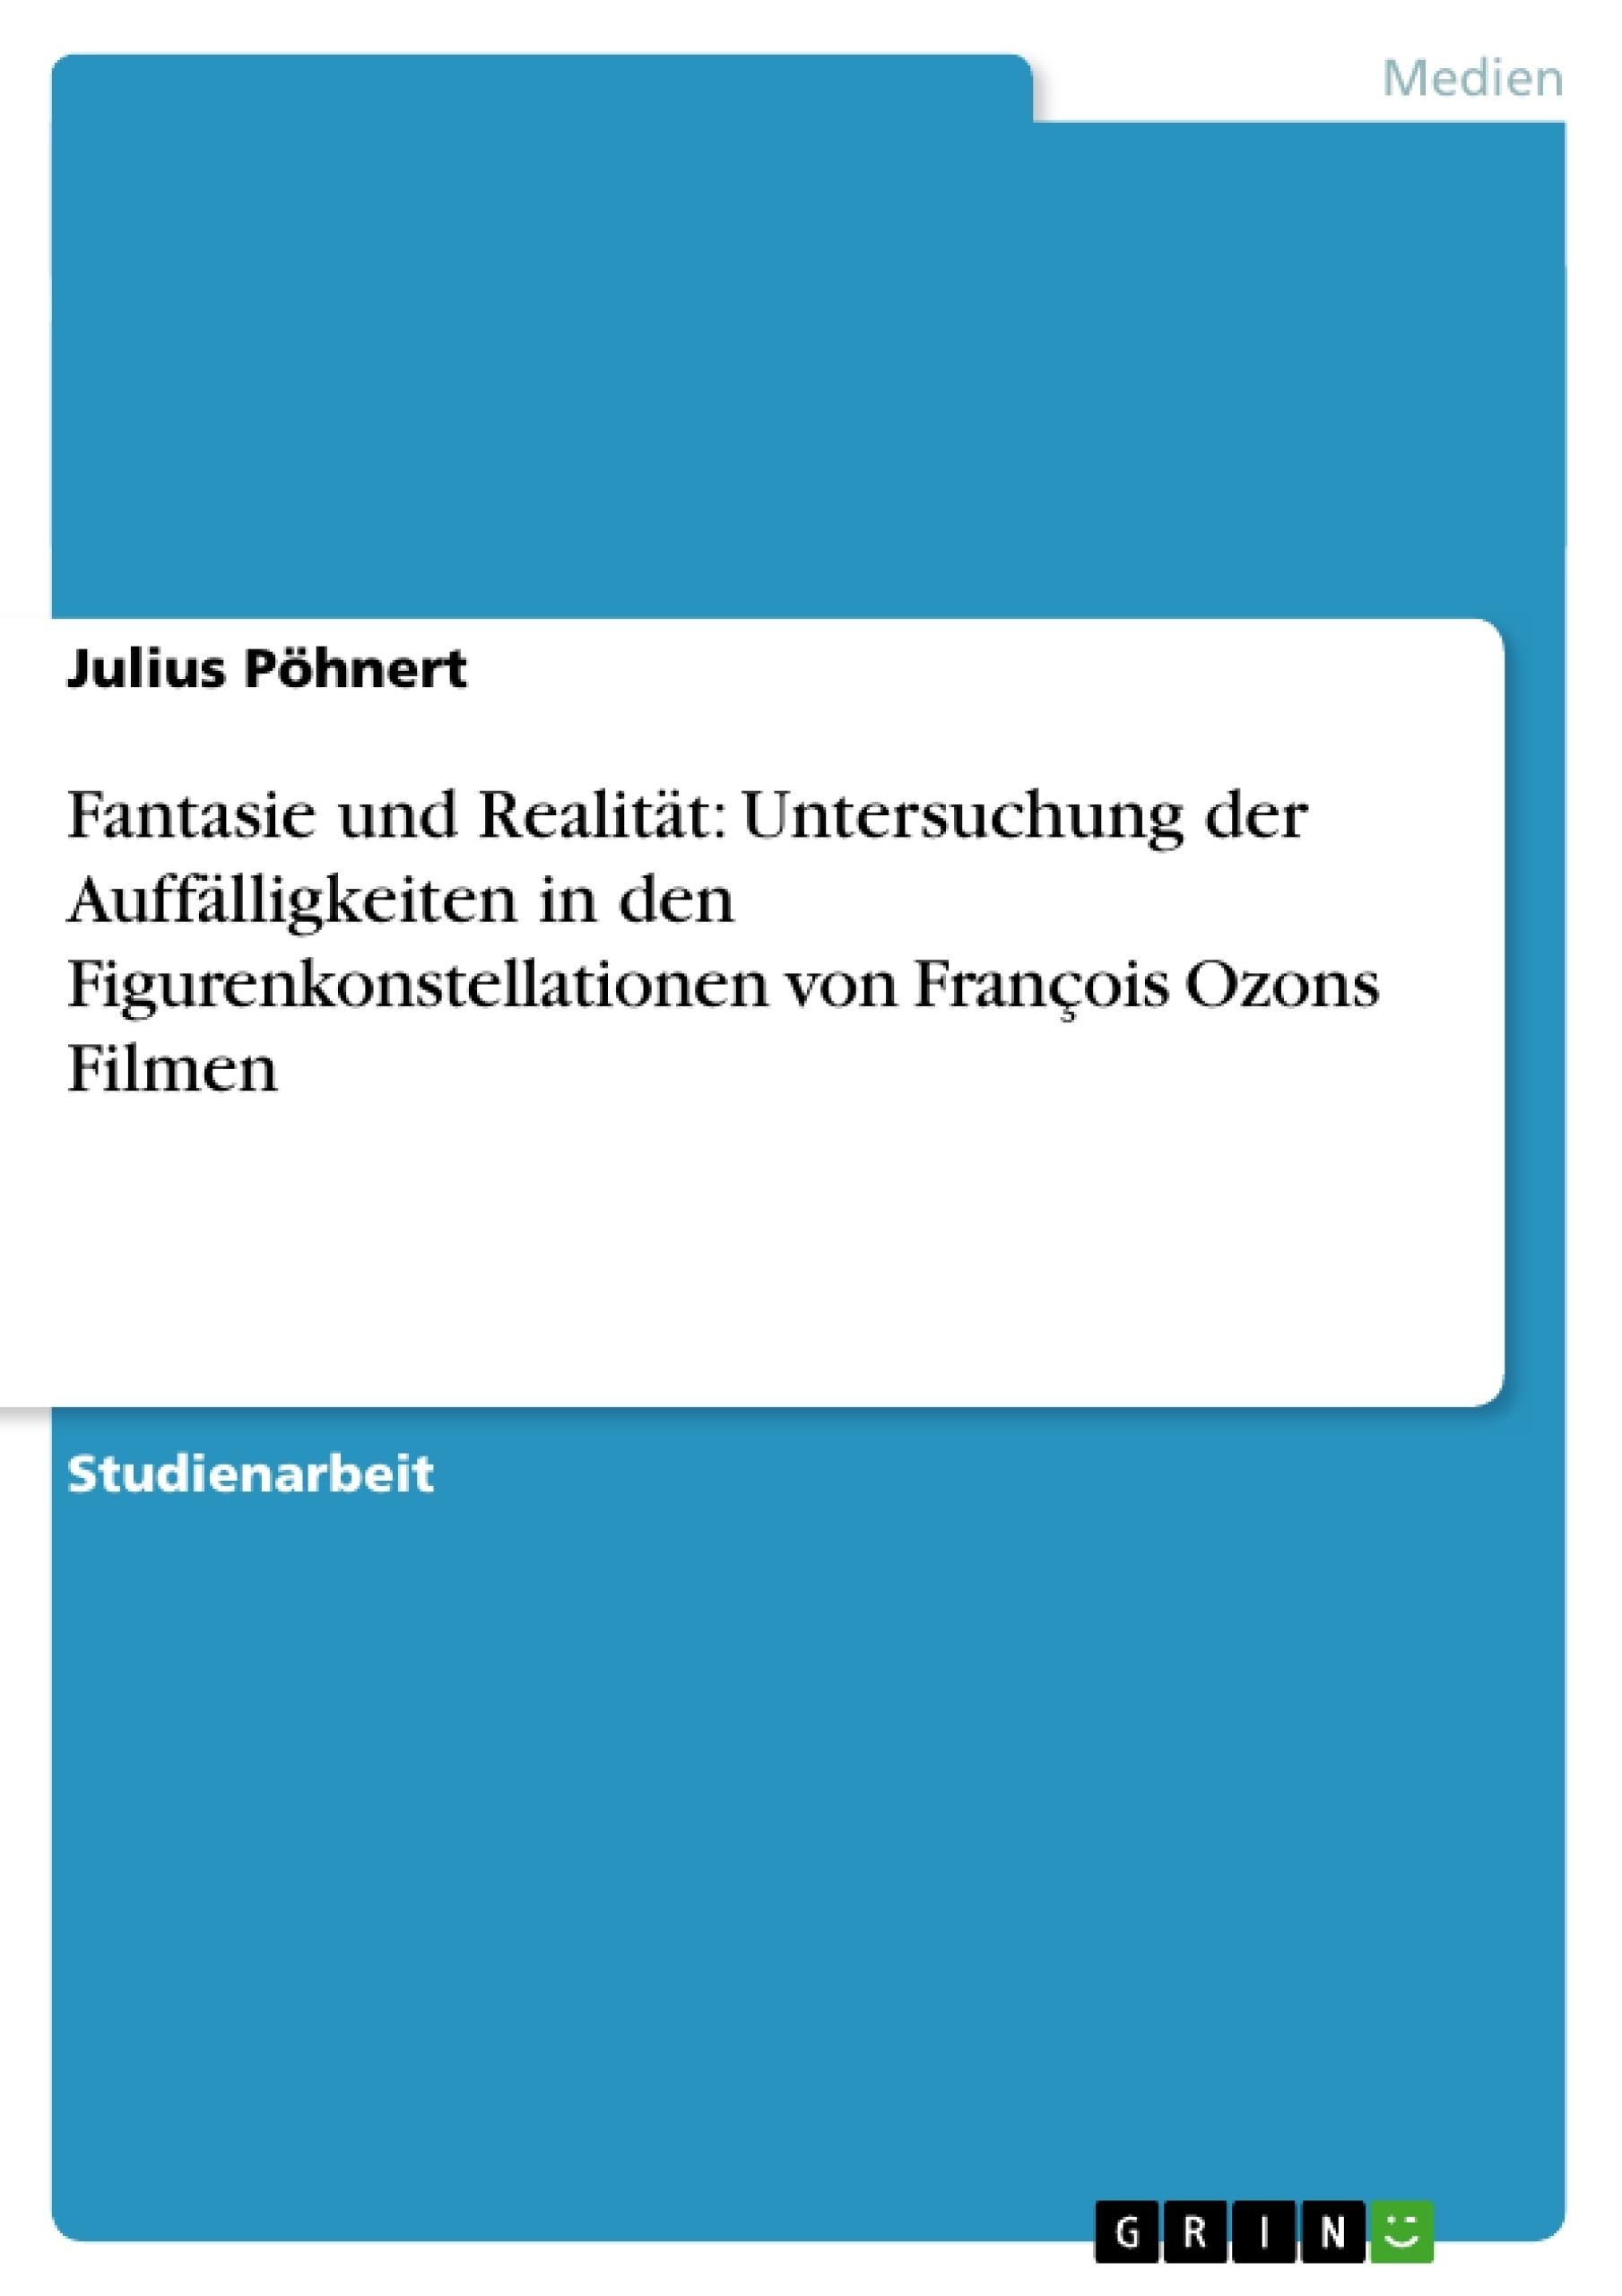 Titel: Fantasie und Realität: Untersuchung der Auffälligkeiten in den Figurenkonstellationen von François Ozons Filmen